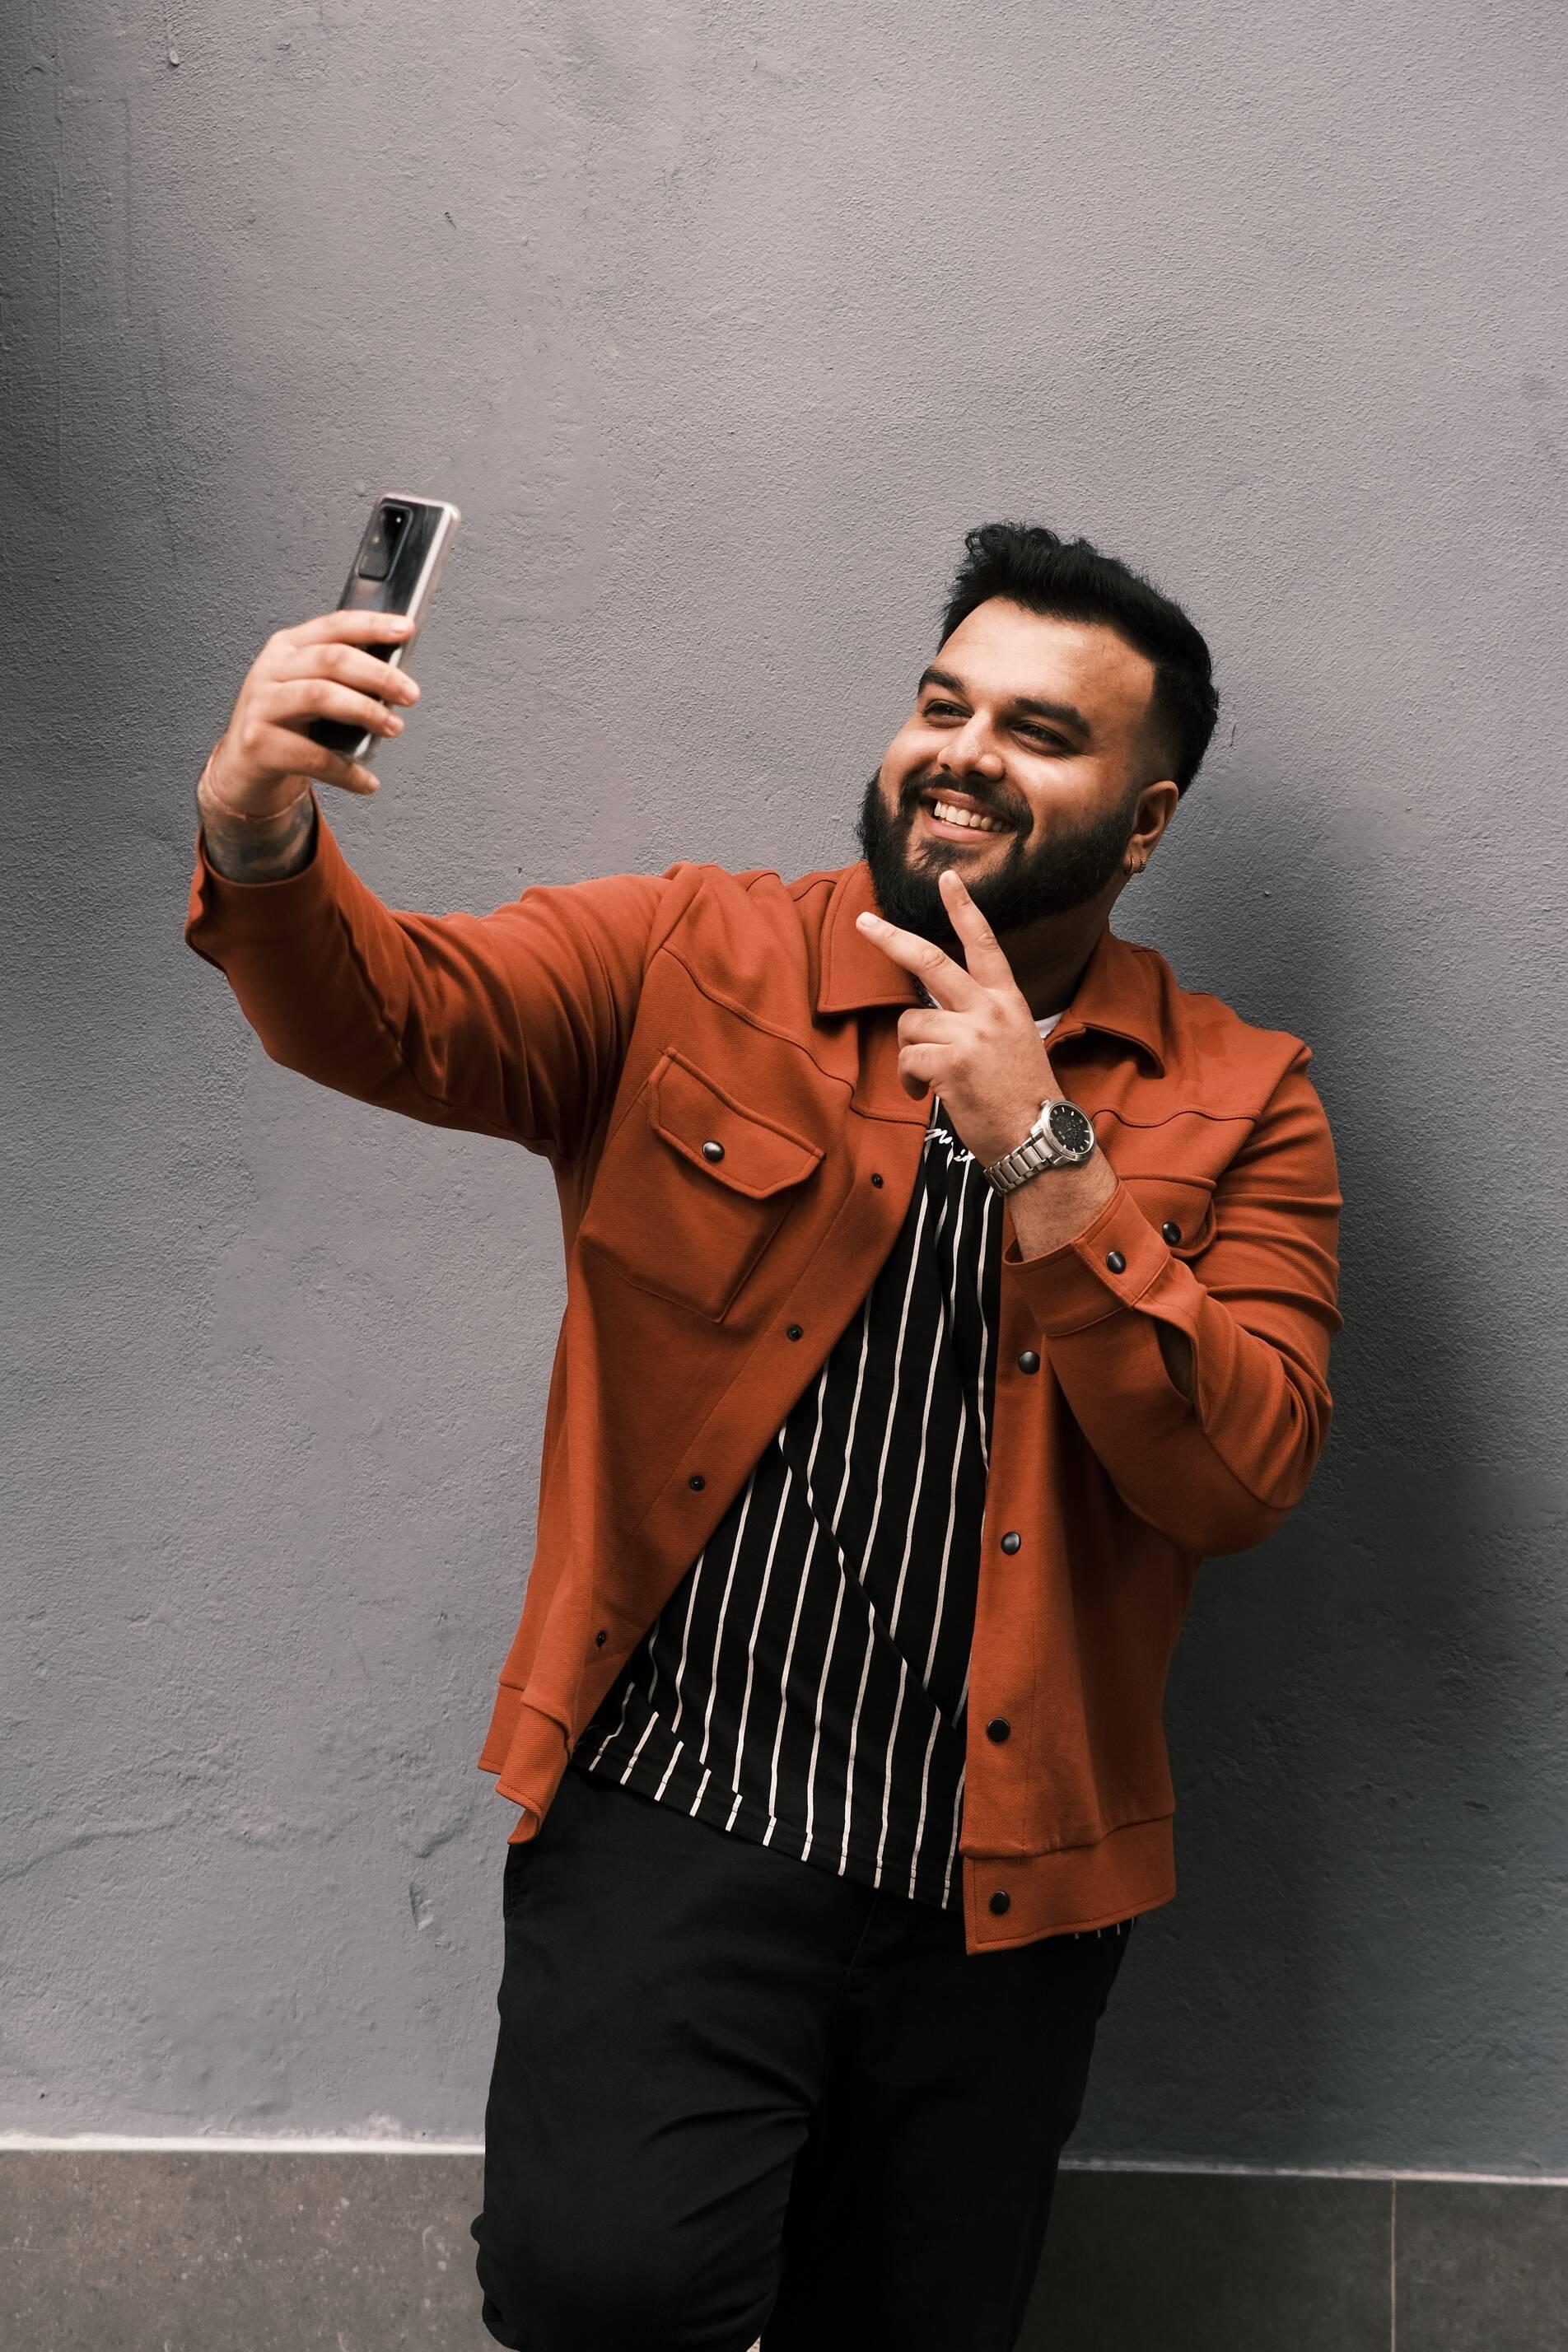 man-doing-a-selfie-video